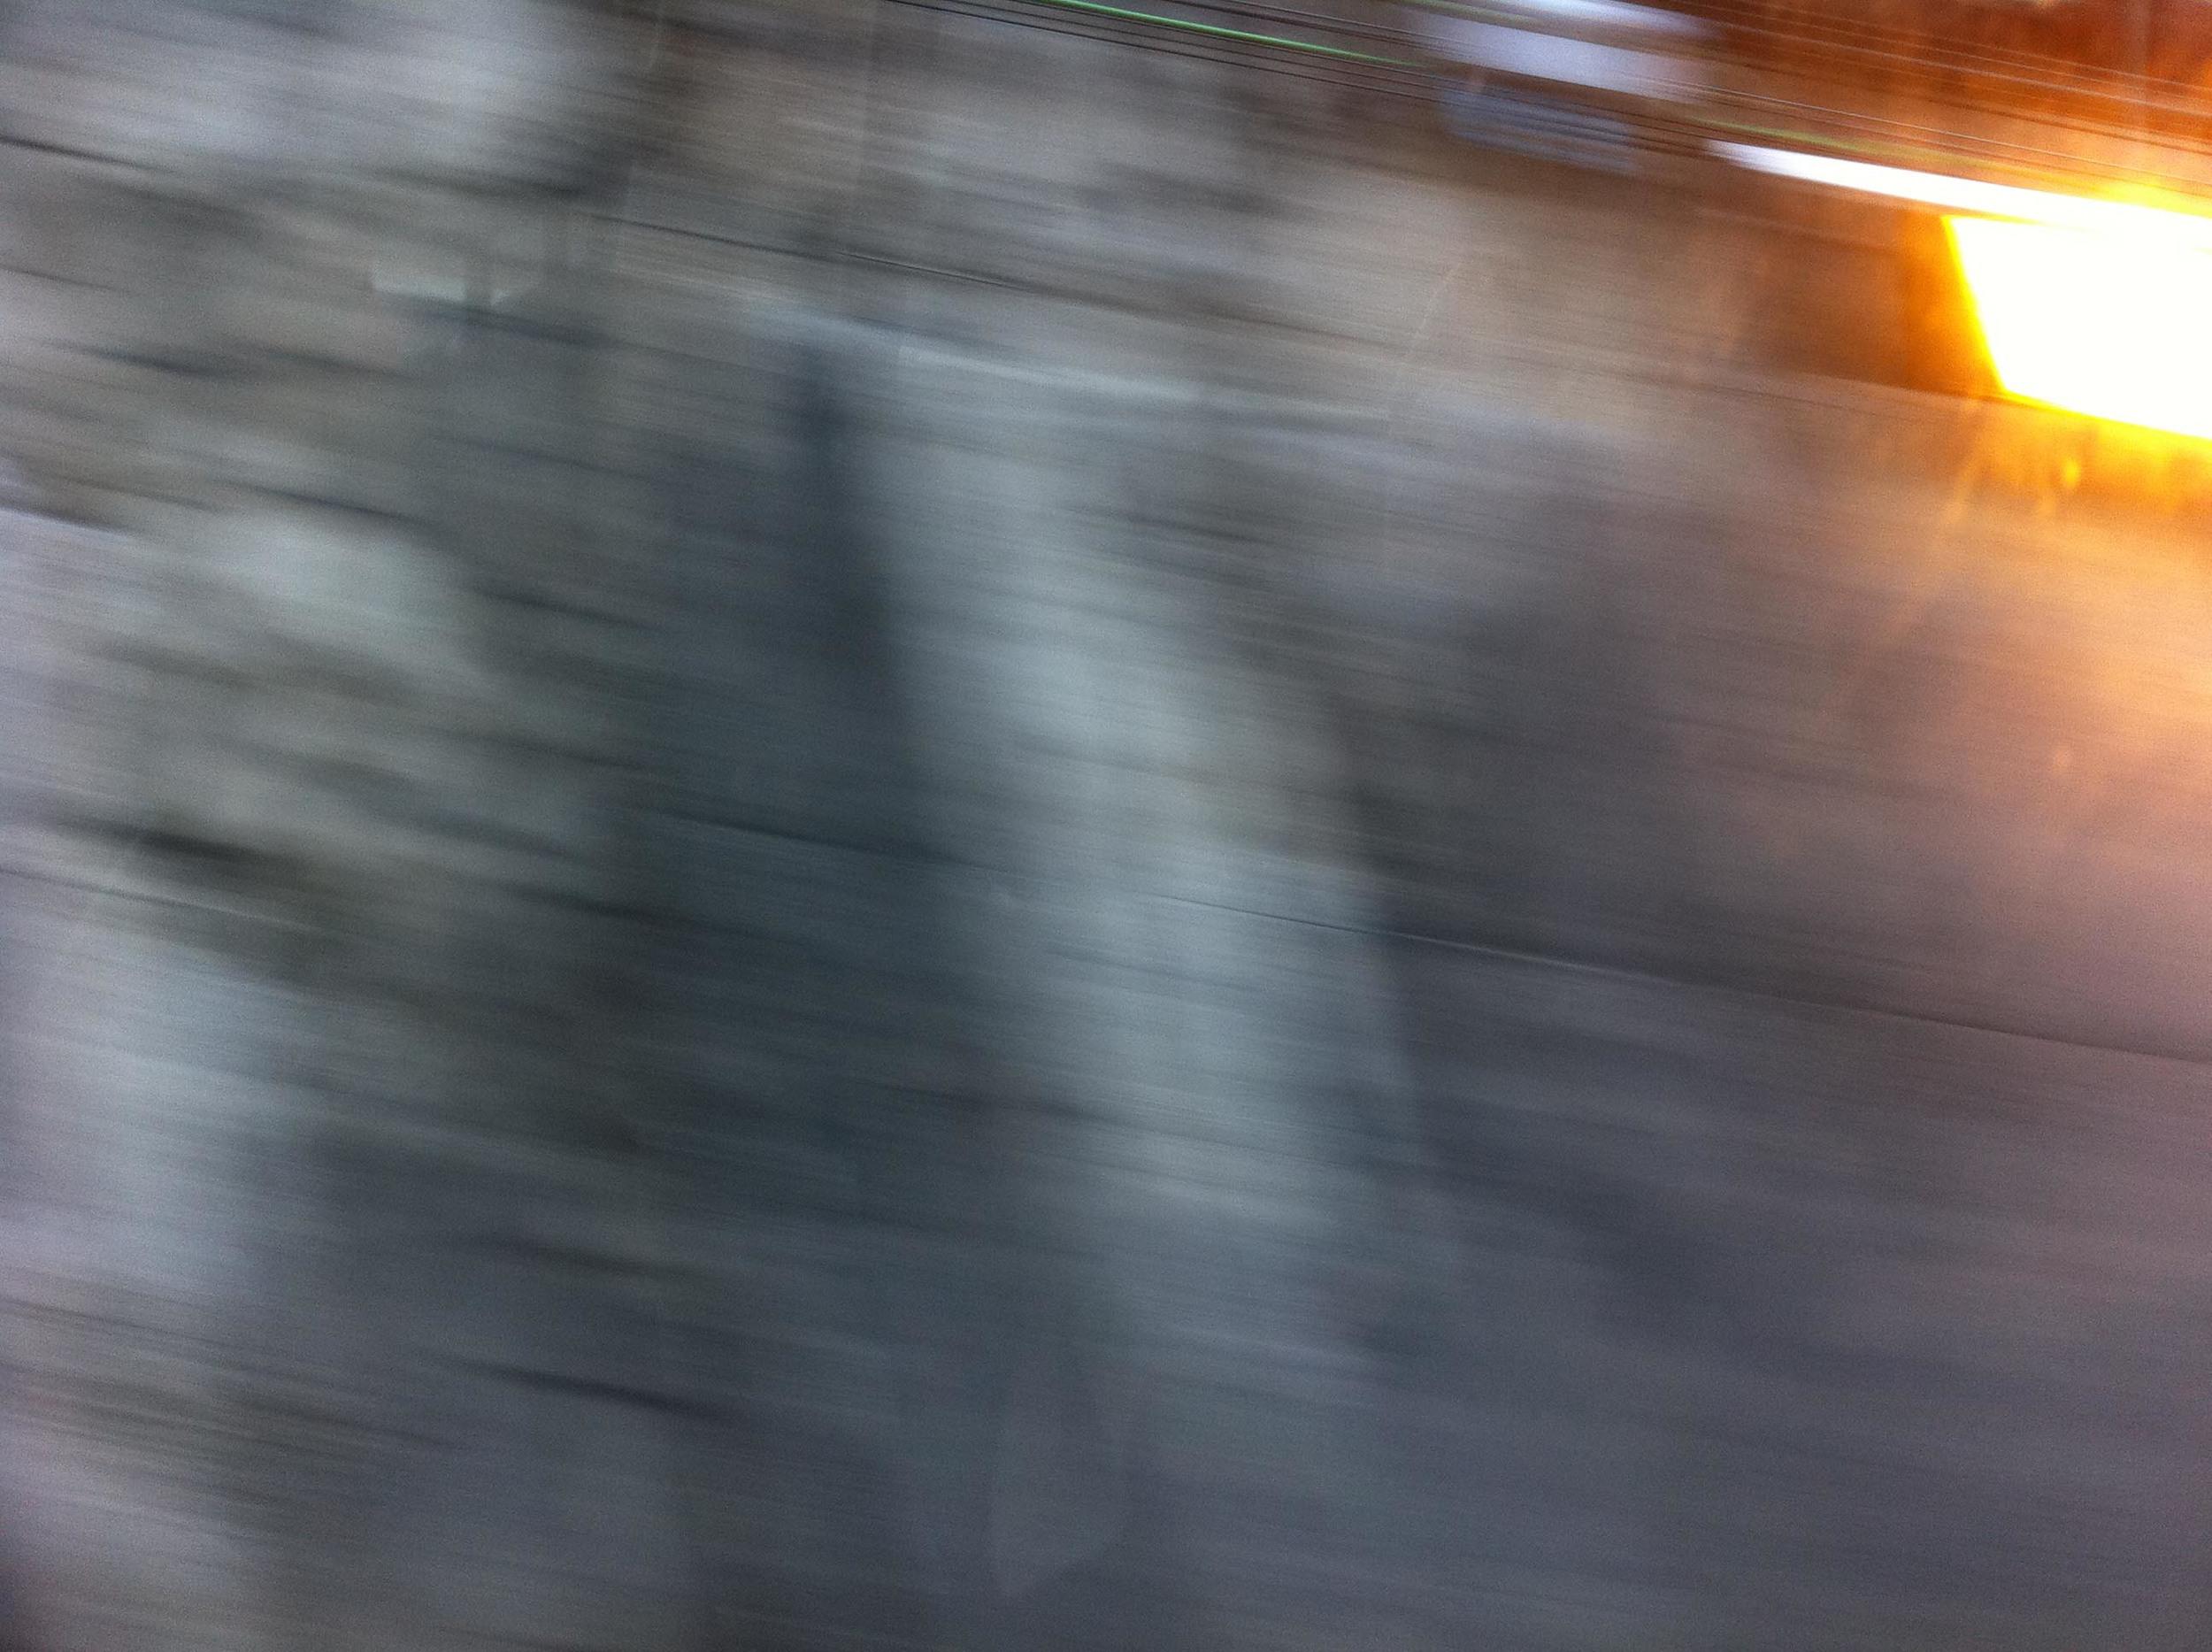 Flows  - Paris - 2013 - Photography - 180 x 120 cm